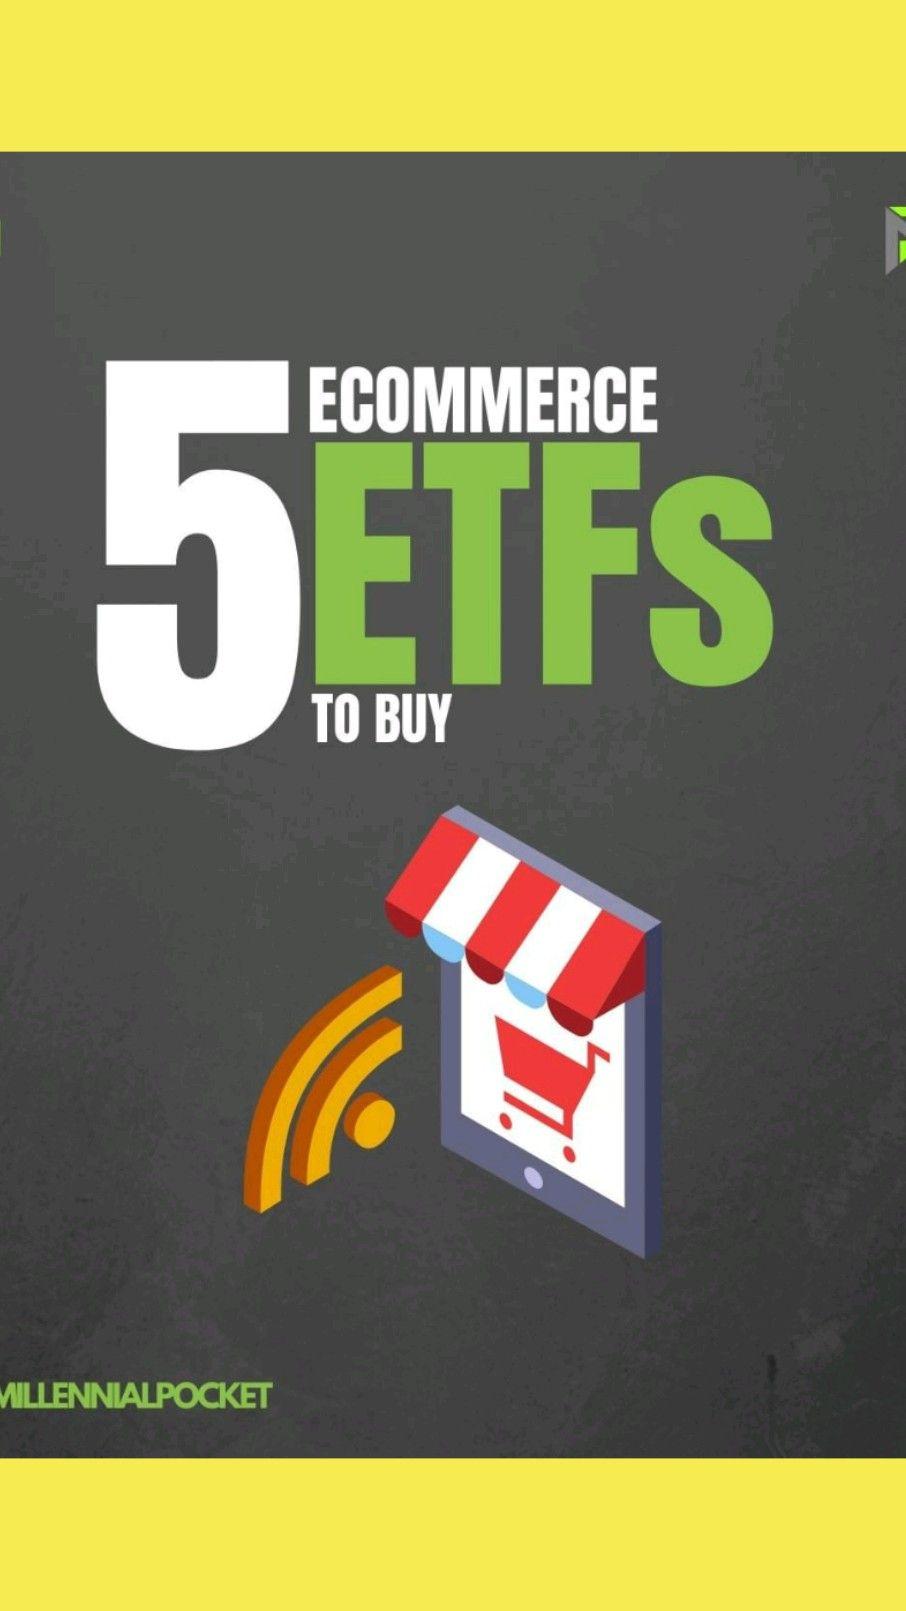 5 e commerce ETFS